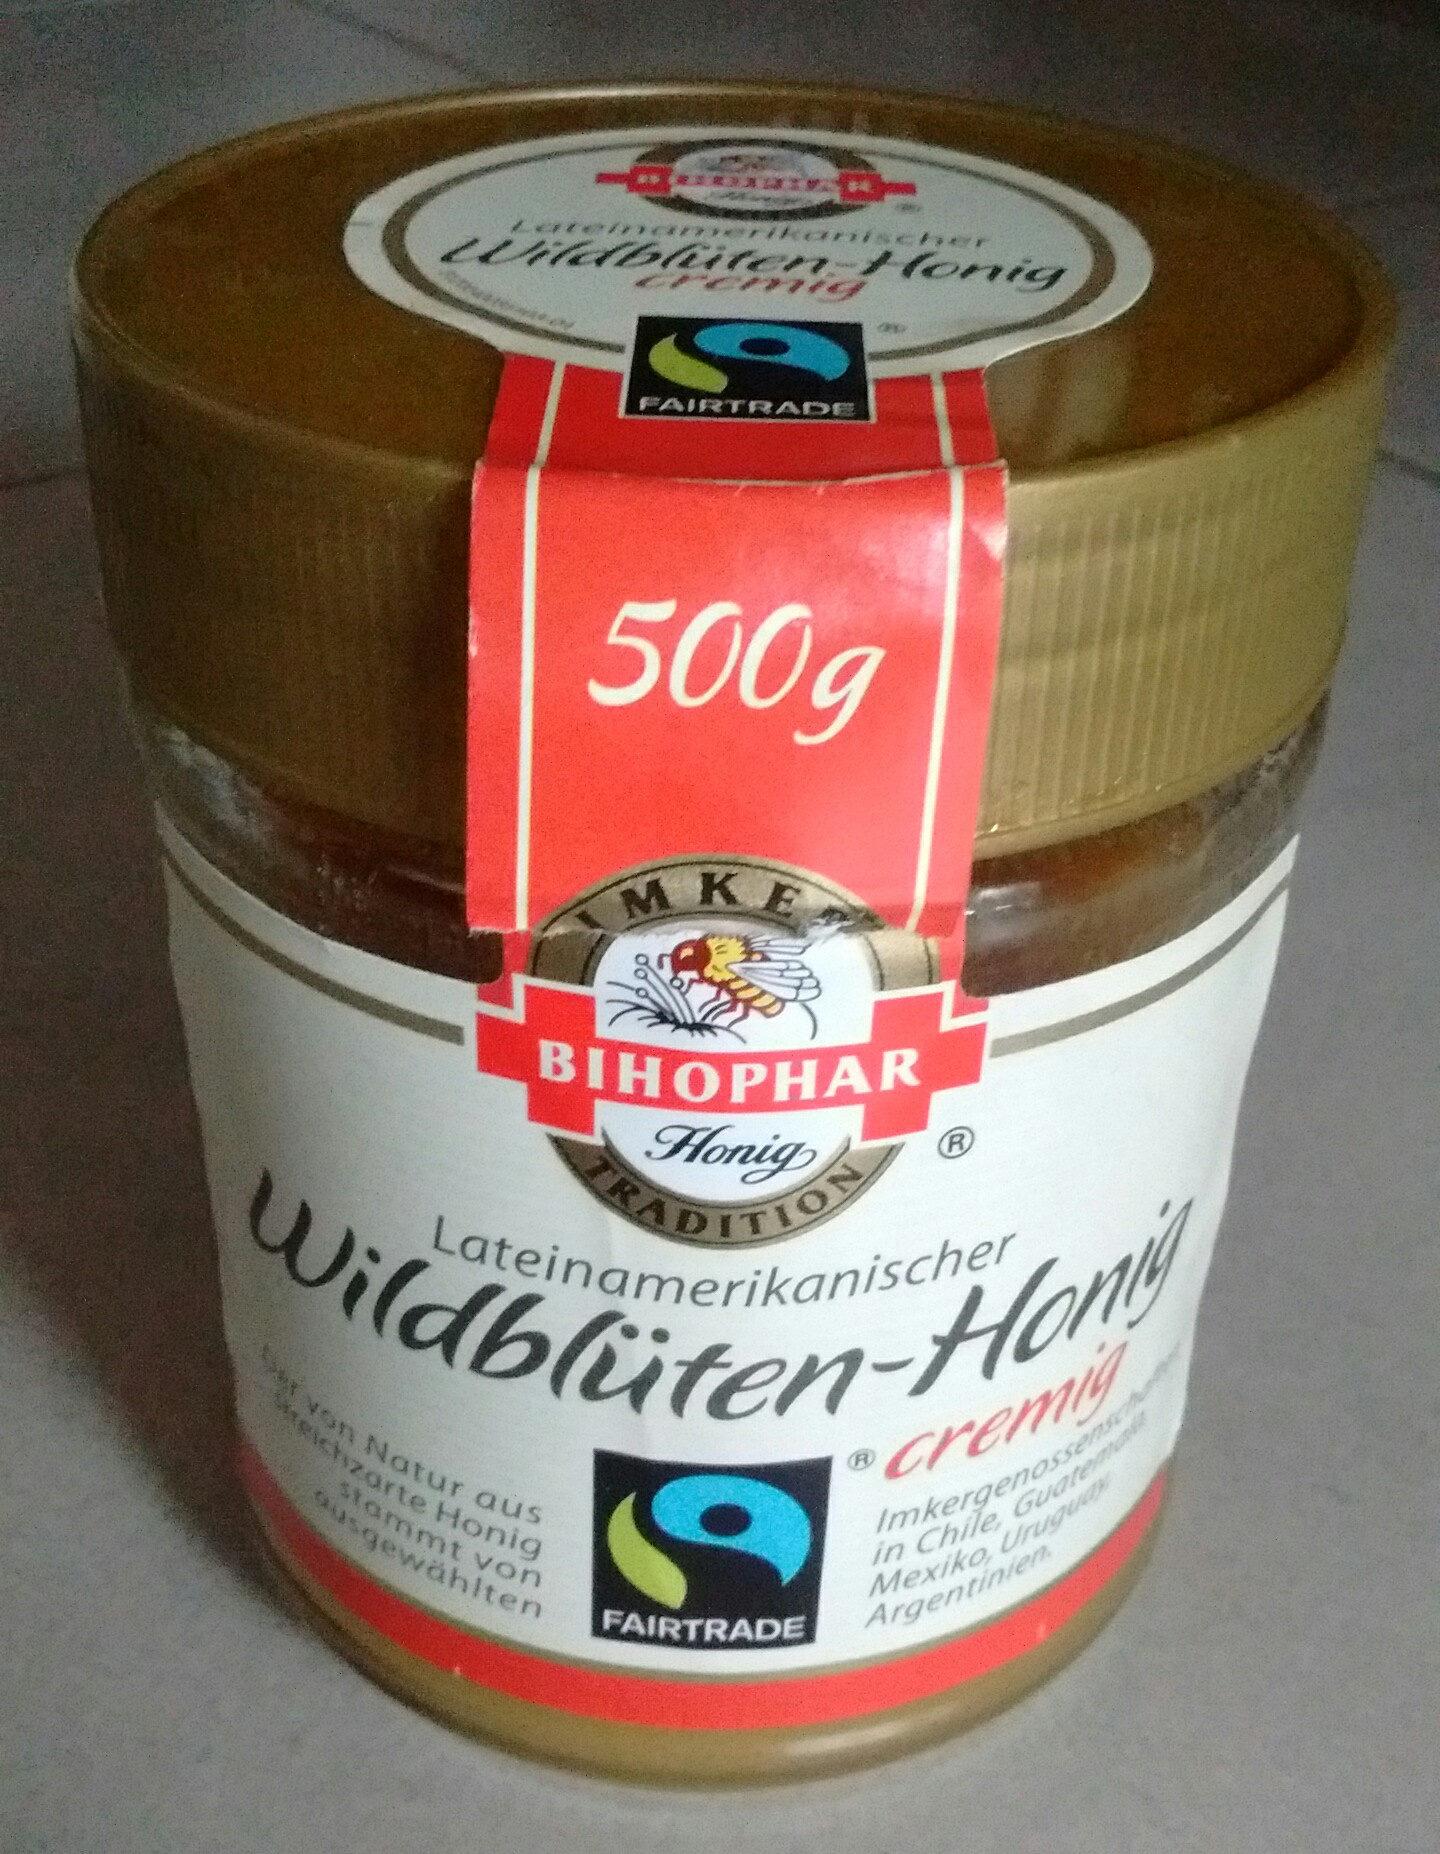 Wildblüten-Honig creming - Produkt